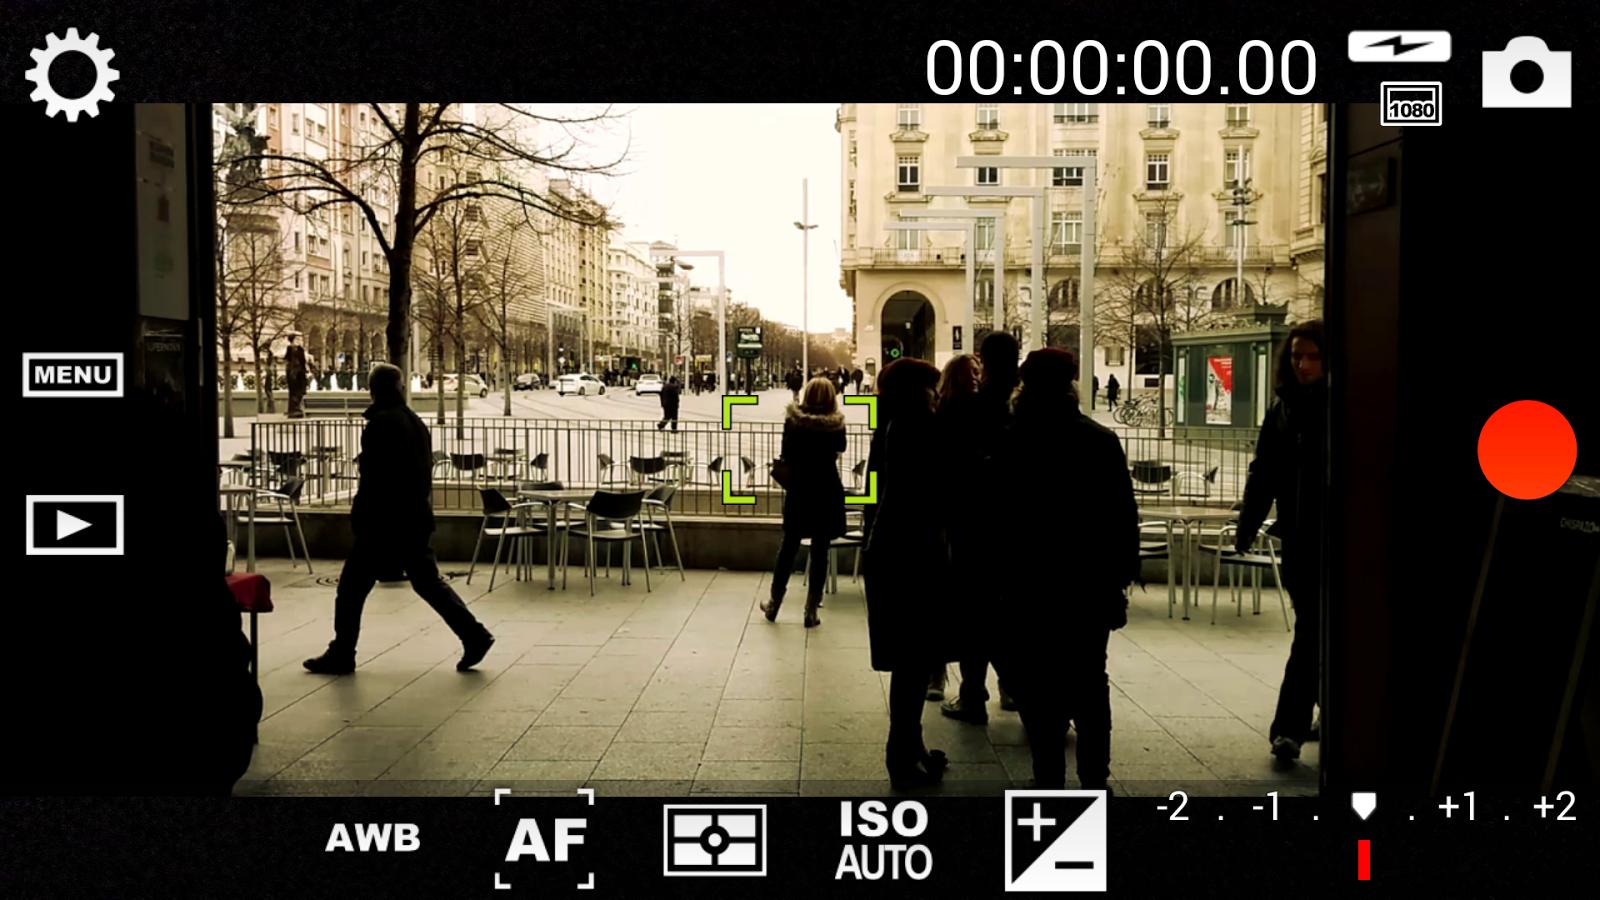 تطبيق للتصوير بدقة عالية وبمميزات رائعة Cinema FV-5 v1.32 للأندرويد